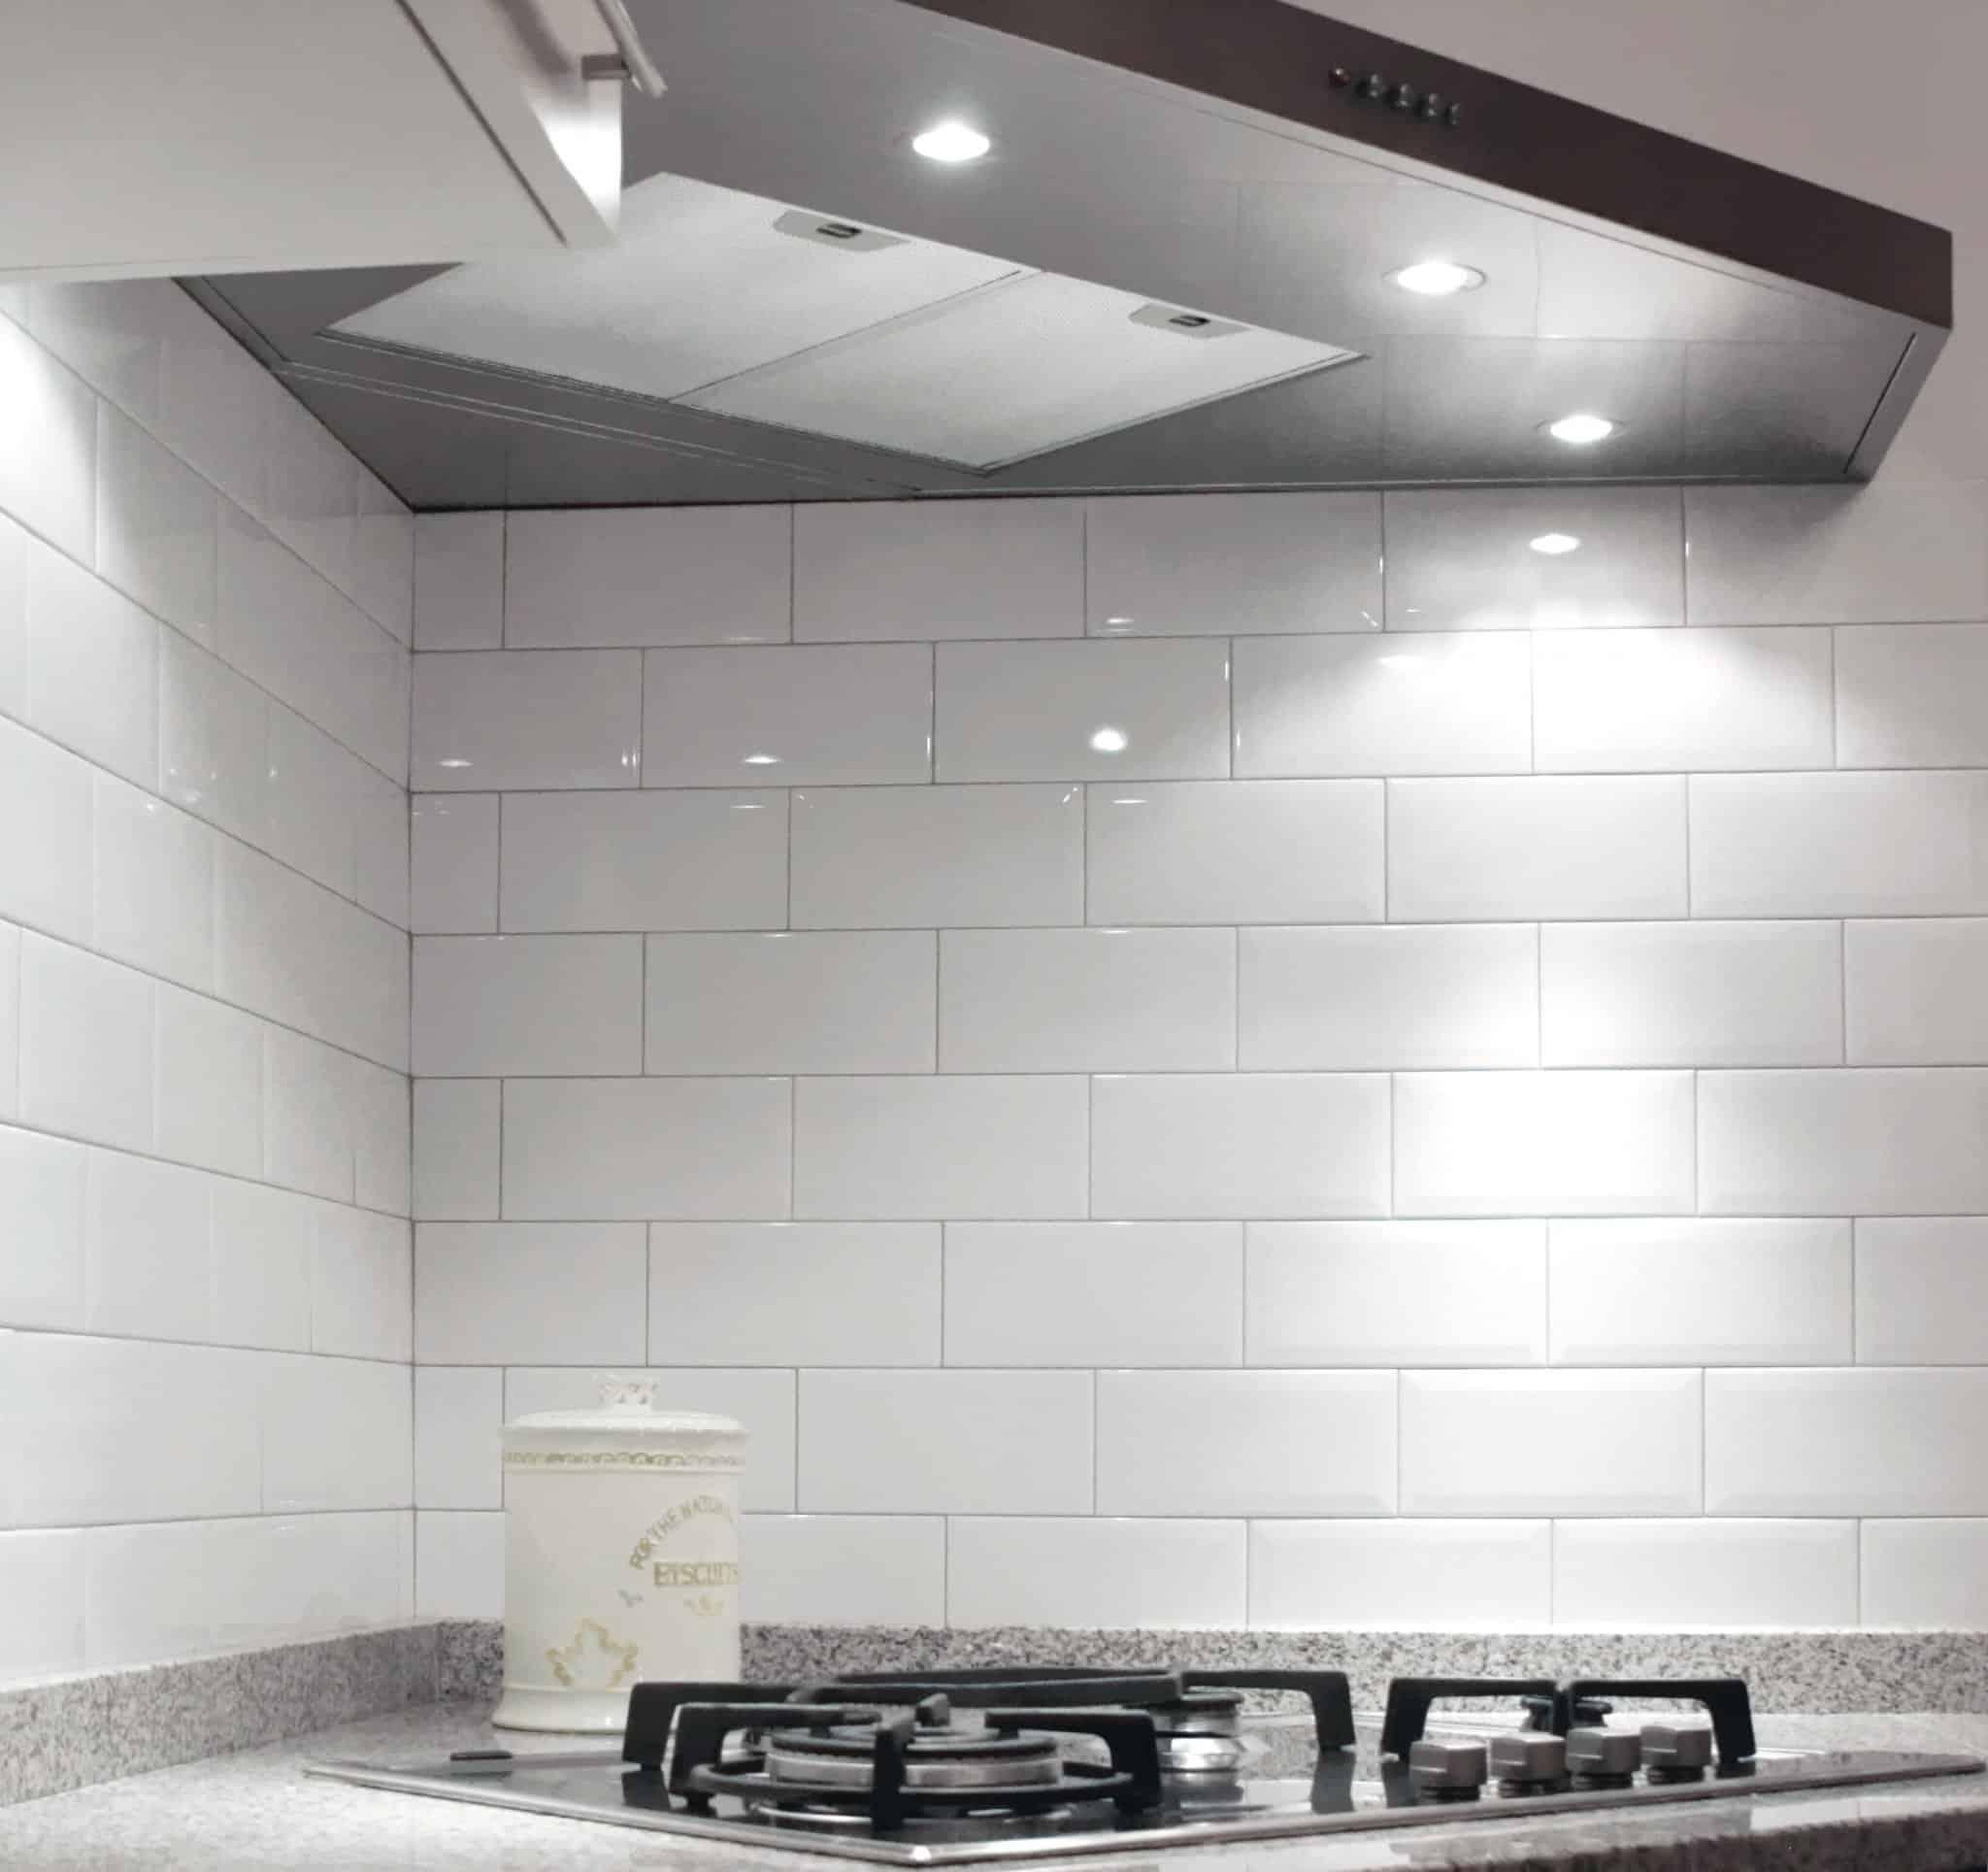 Diamante rivestimento cucina bianco mosaico 2 musis ceramica for Rivestimento cucina